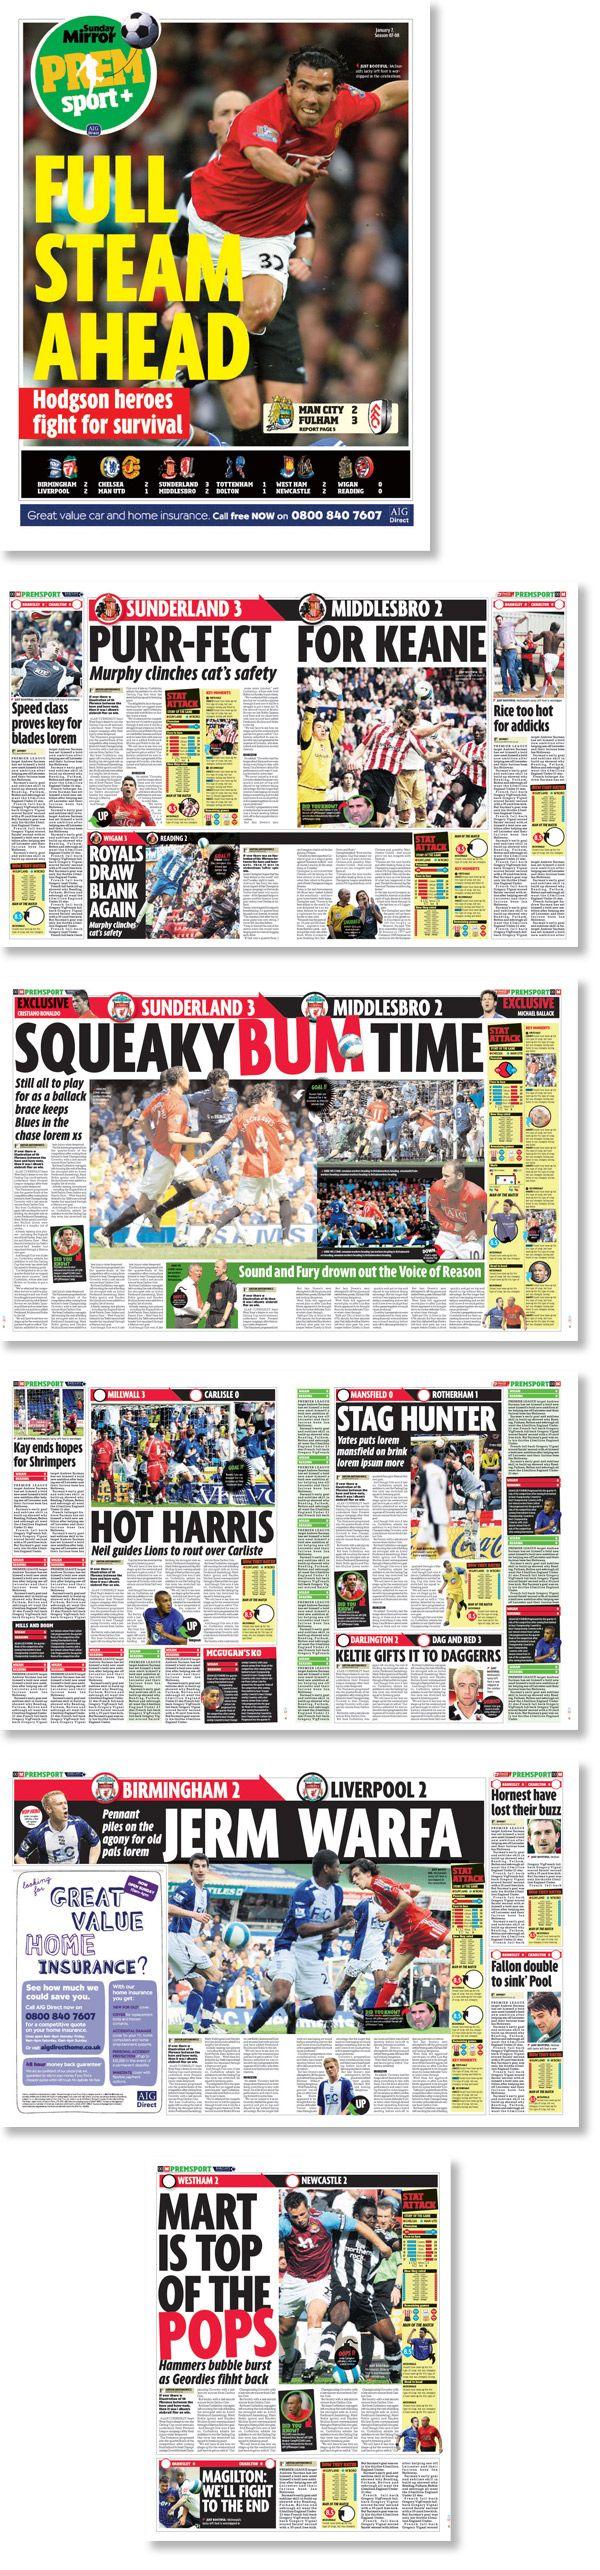 Dirección de arte y diseño del periódico deportivo del Sunday Mirror, Inglaterra.  Trabajo realizado para Estudi Cases.